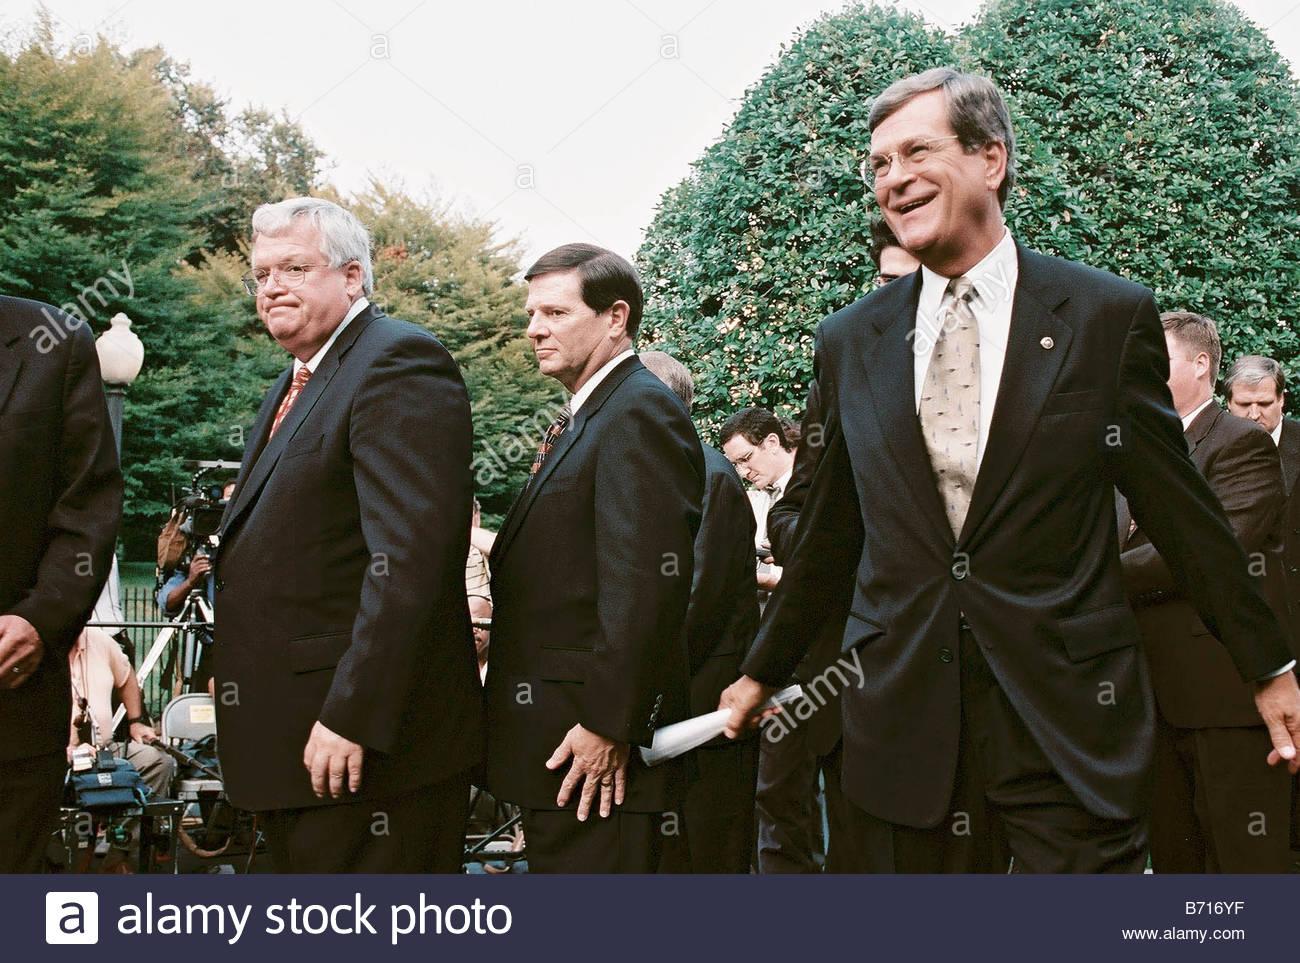 9 12 00 WHITE HOUSE MEETING House Speaker J Dennis Hastert R Ill House Majority Whip Tom DeLay R Texas and Senate - Stock Image